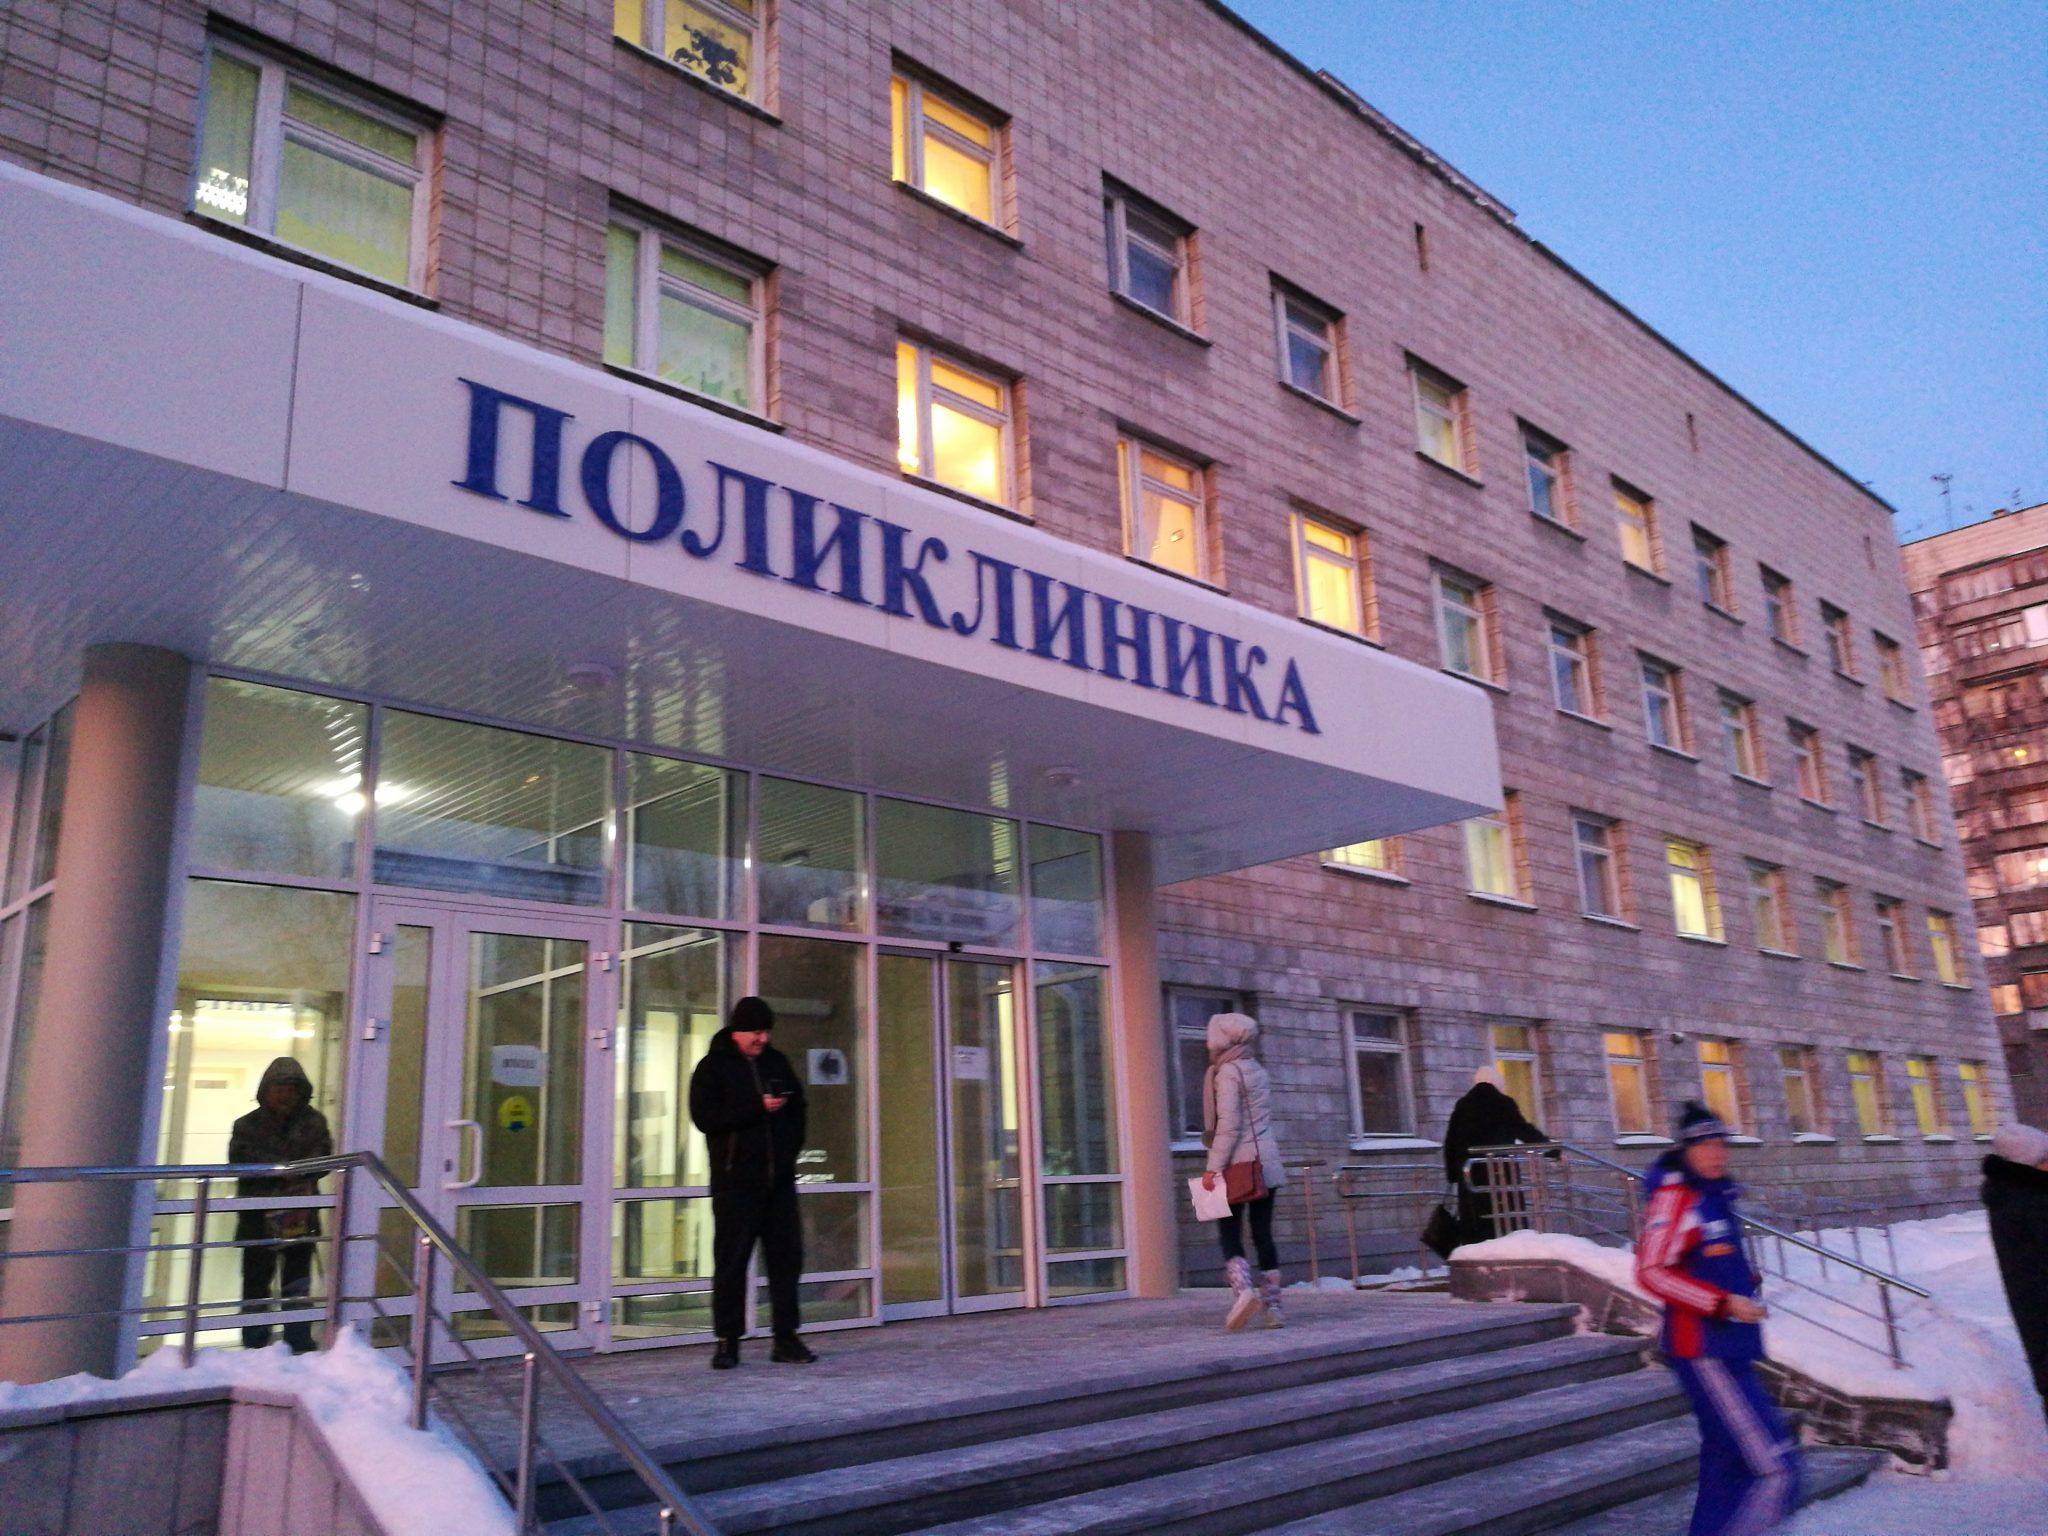 Как прикрепиться к поликлинике без прописки и регистрации в Москве